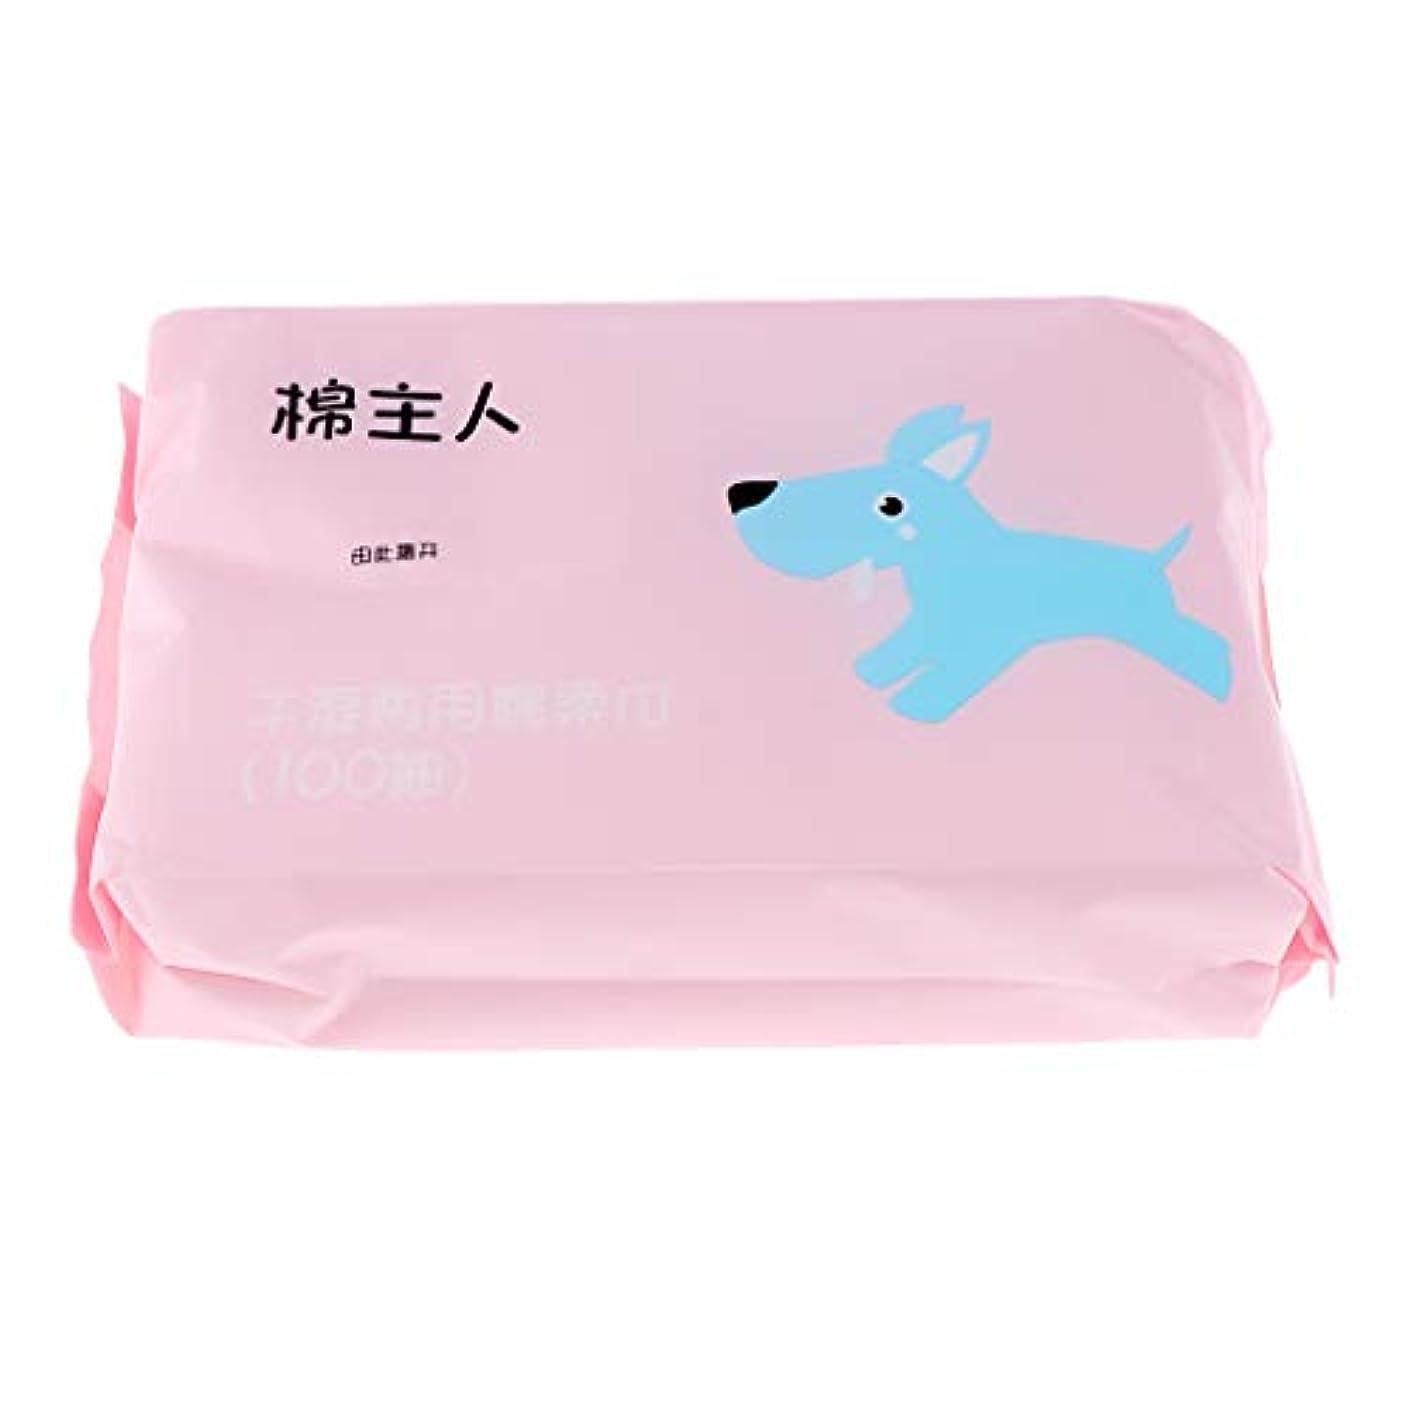 ワゴン百年タイトルB Baosity 約100枚 使い捨て クレンジングシート ソフト 便利 スキンケア 2色選べ  - ピンク